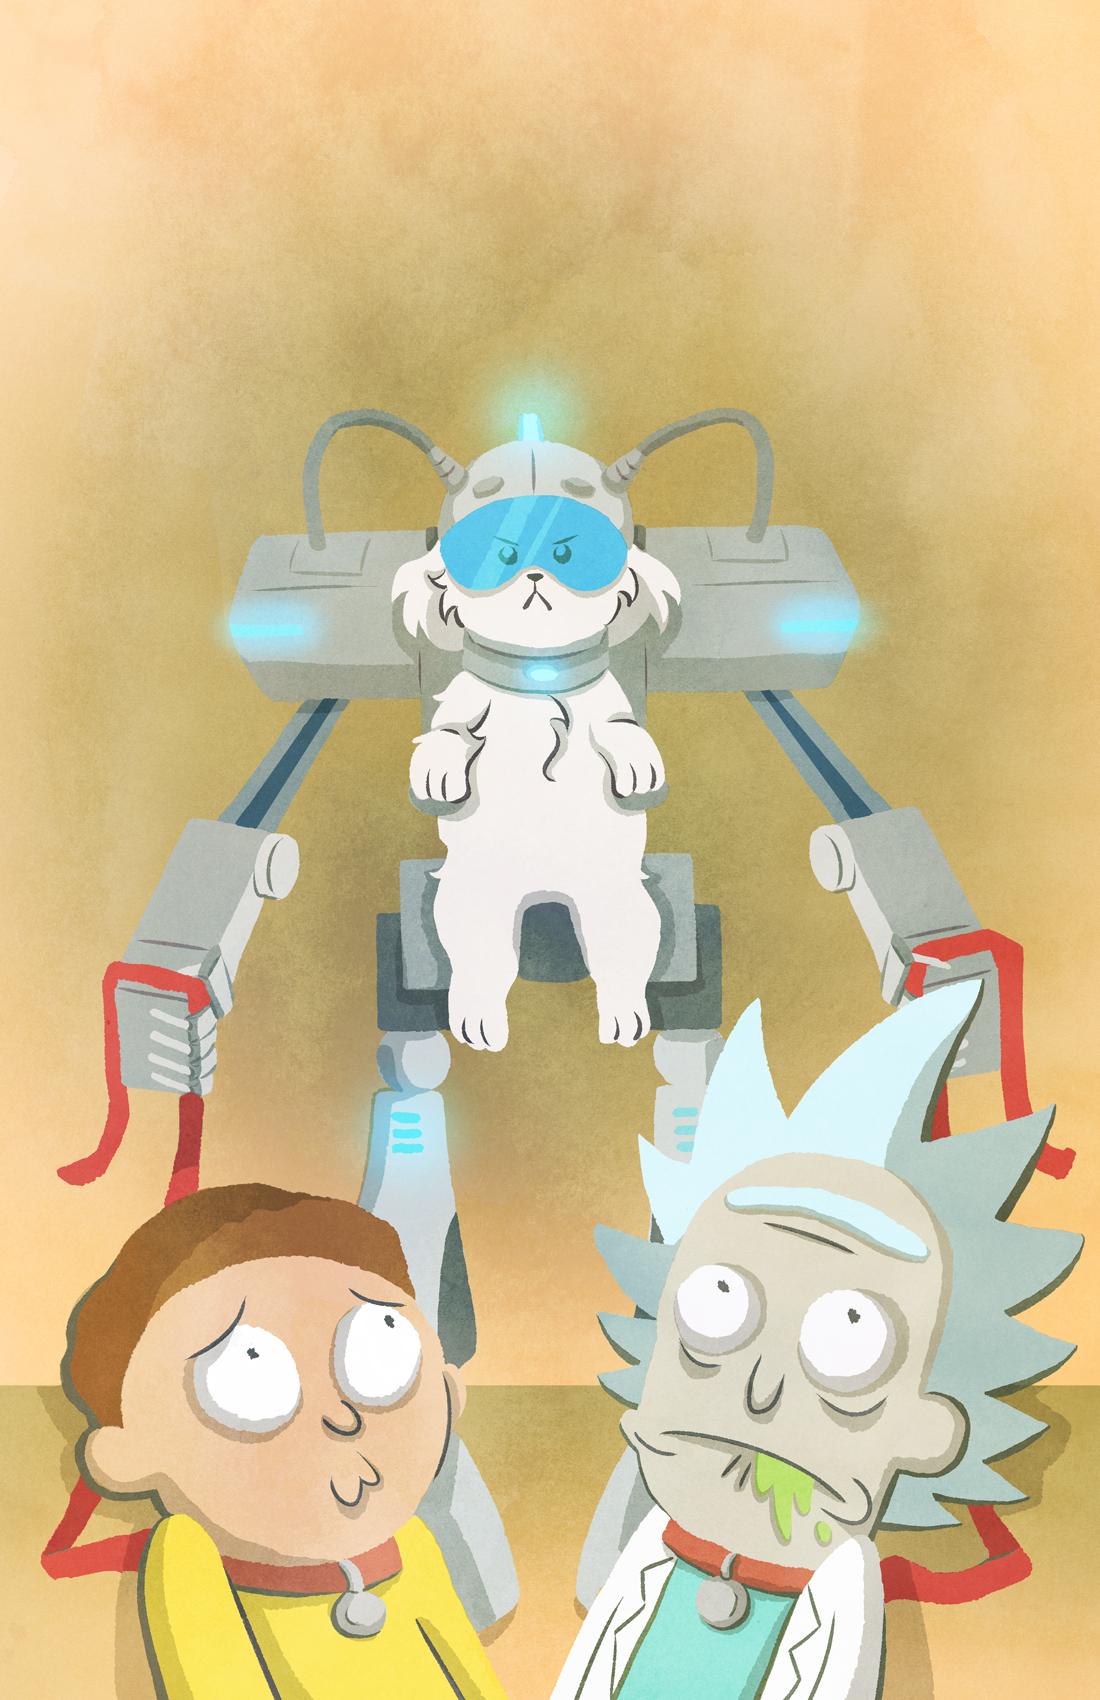 06 Rick Morty cover.jpg